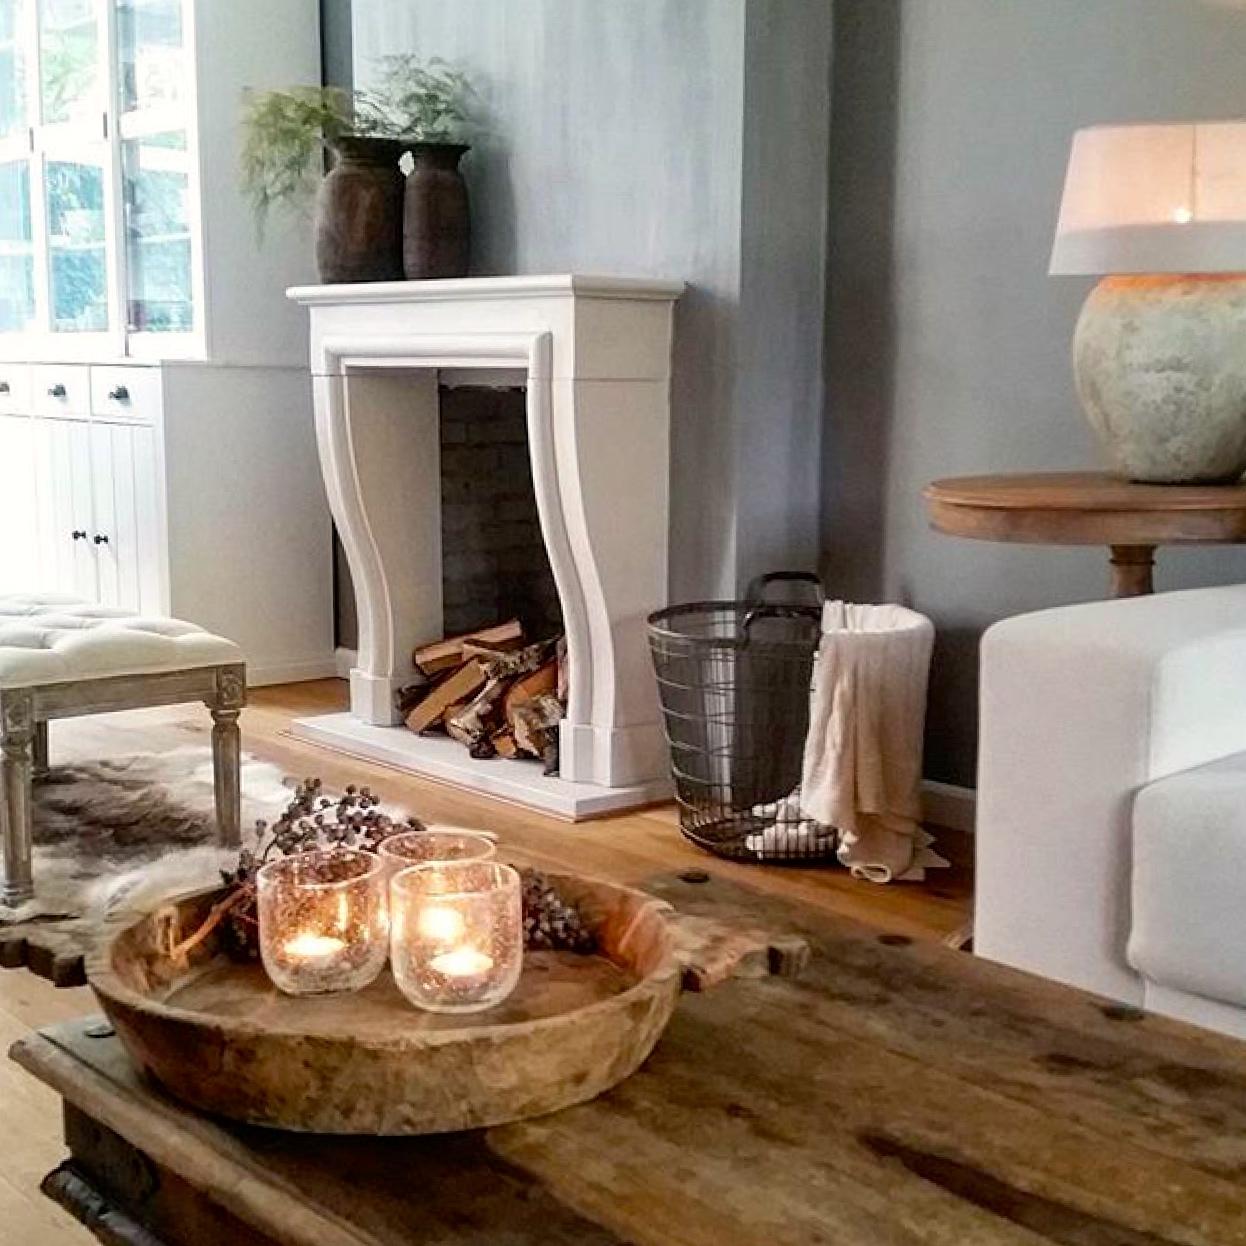 mirja volg je voor haar inspirerende eigen wonen landelijke stijl fotos en haar leuke do it yourself projectjes mirja_lifestyle